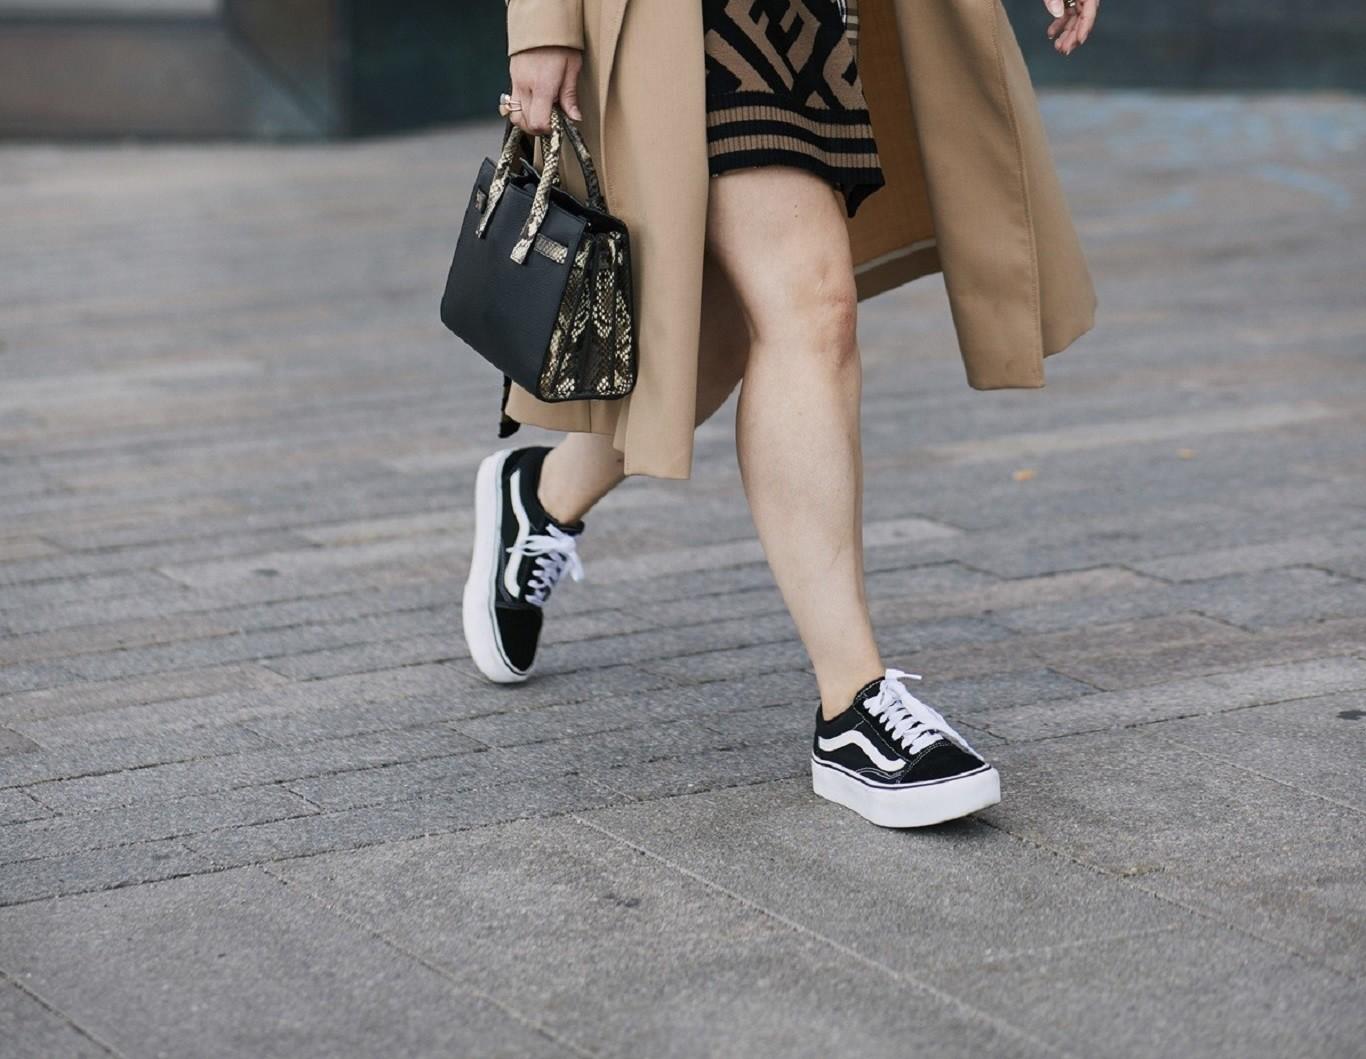 Las zapatillas Vans no solo son un básico cómodo y socorrido 0e0dc4ca273